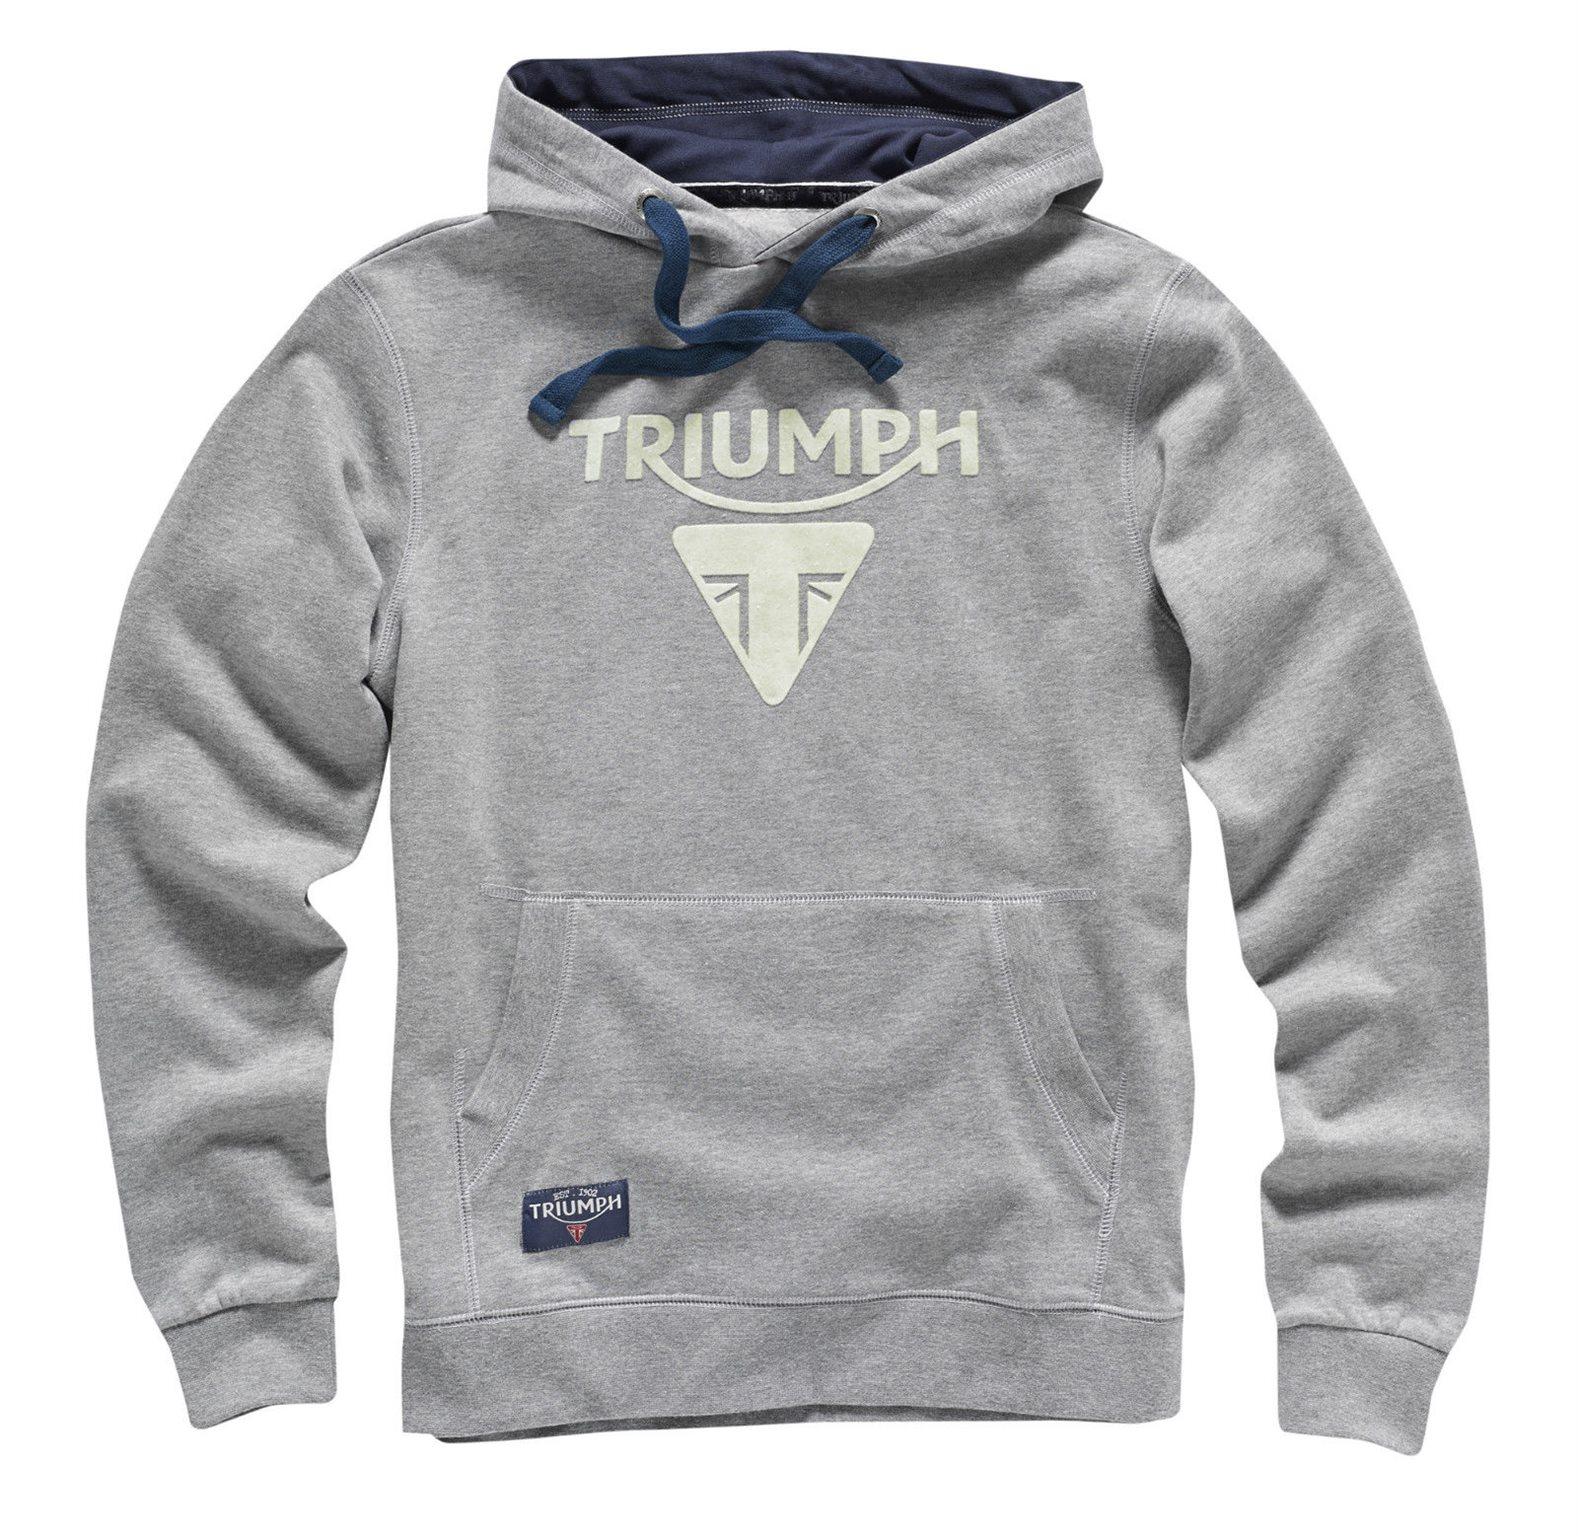 Triumph Herren Pullover im 1000PS Online Shop günstig kaufen